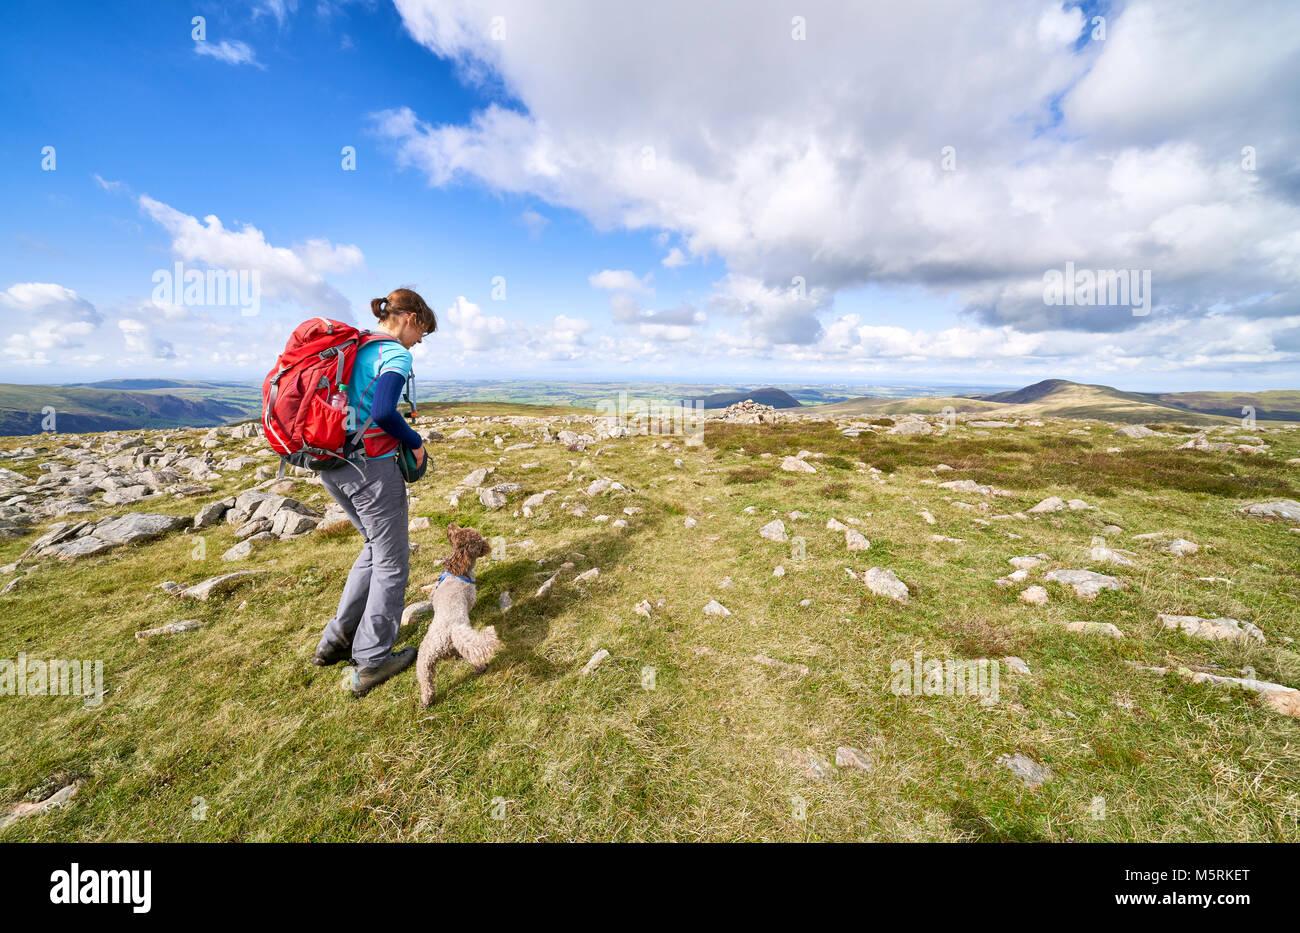 Eine weibliche Wanderer geben ihr Hund ein behandeln Nach einem Spaziergang auf den Gipfel des Großen getragen, Stockbild